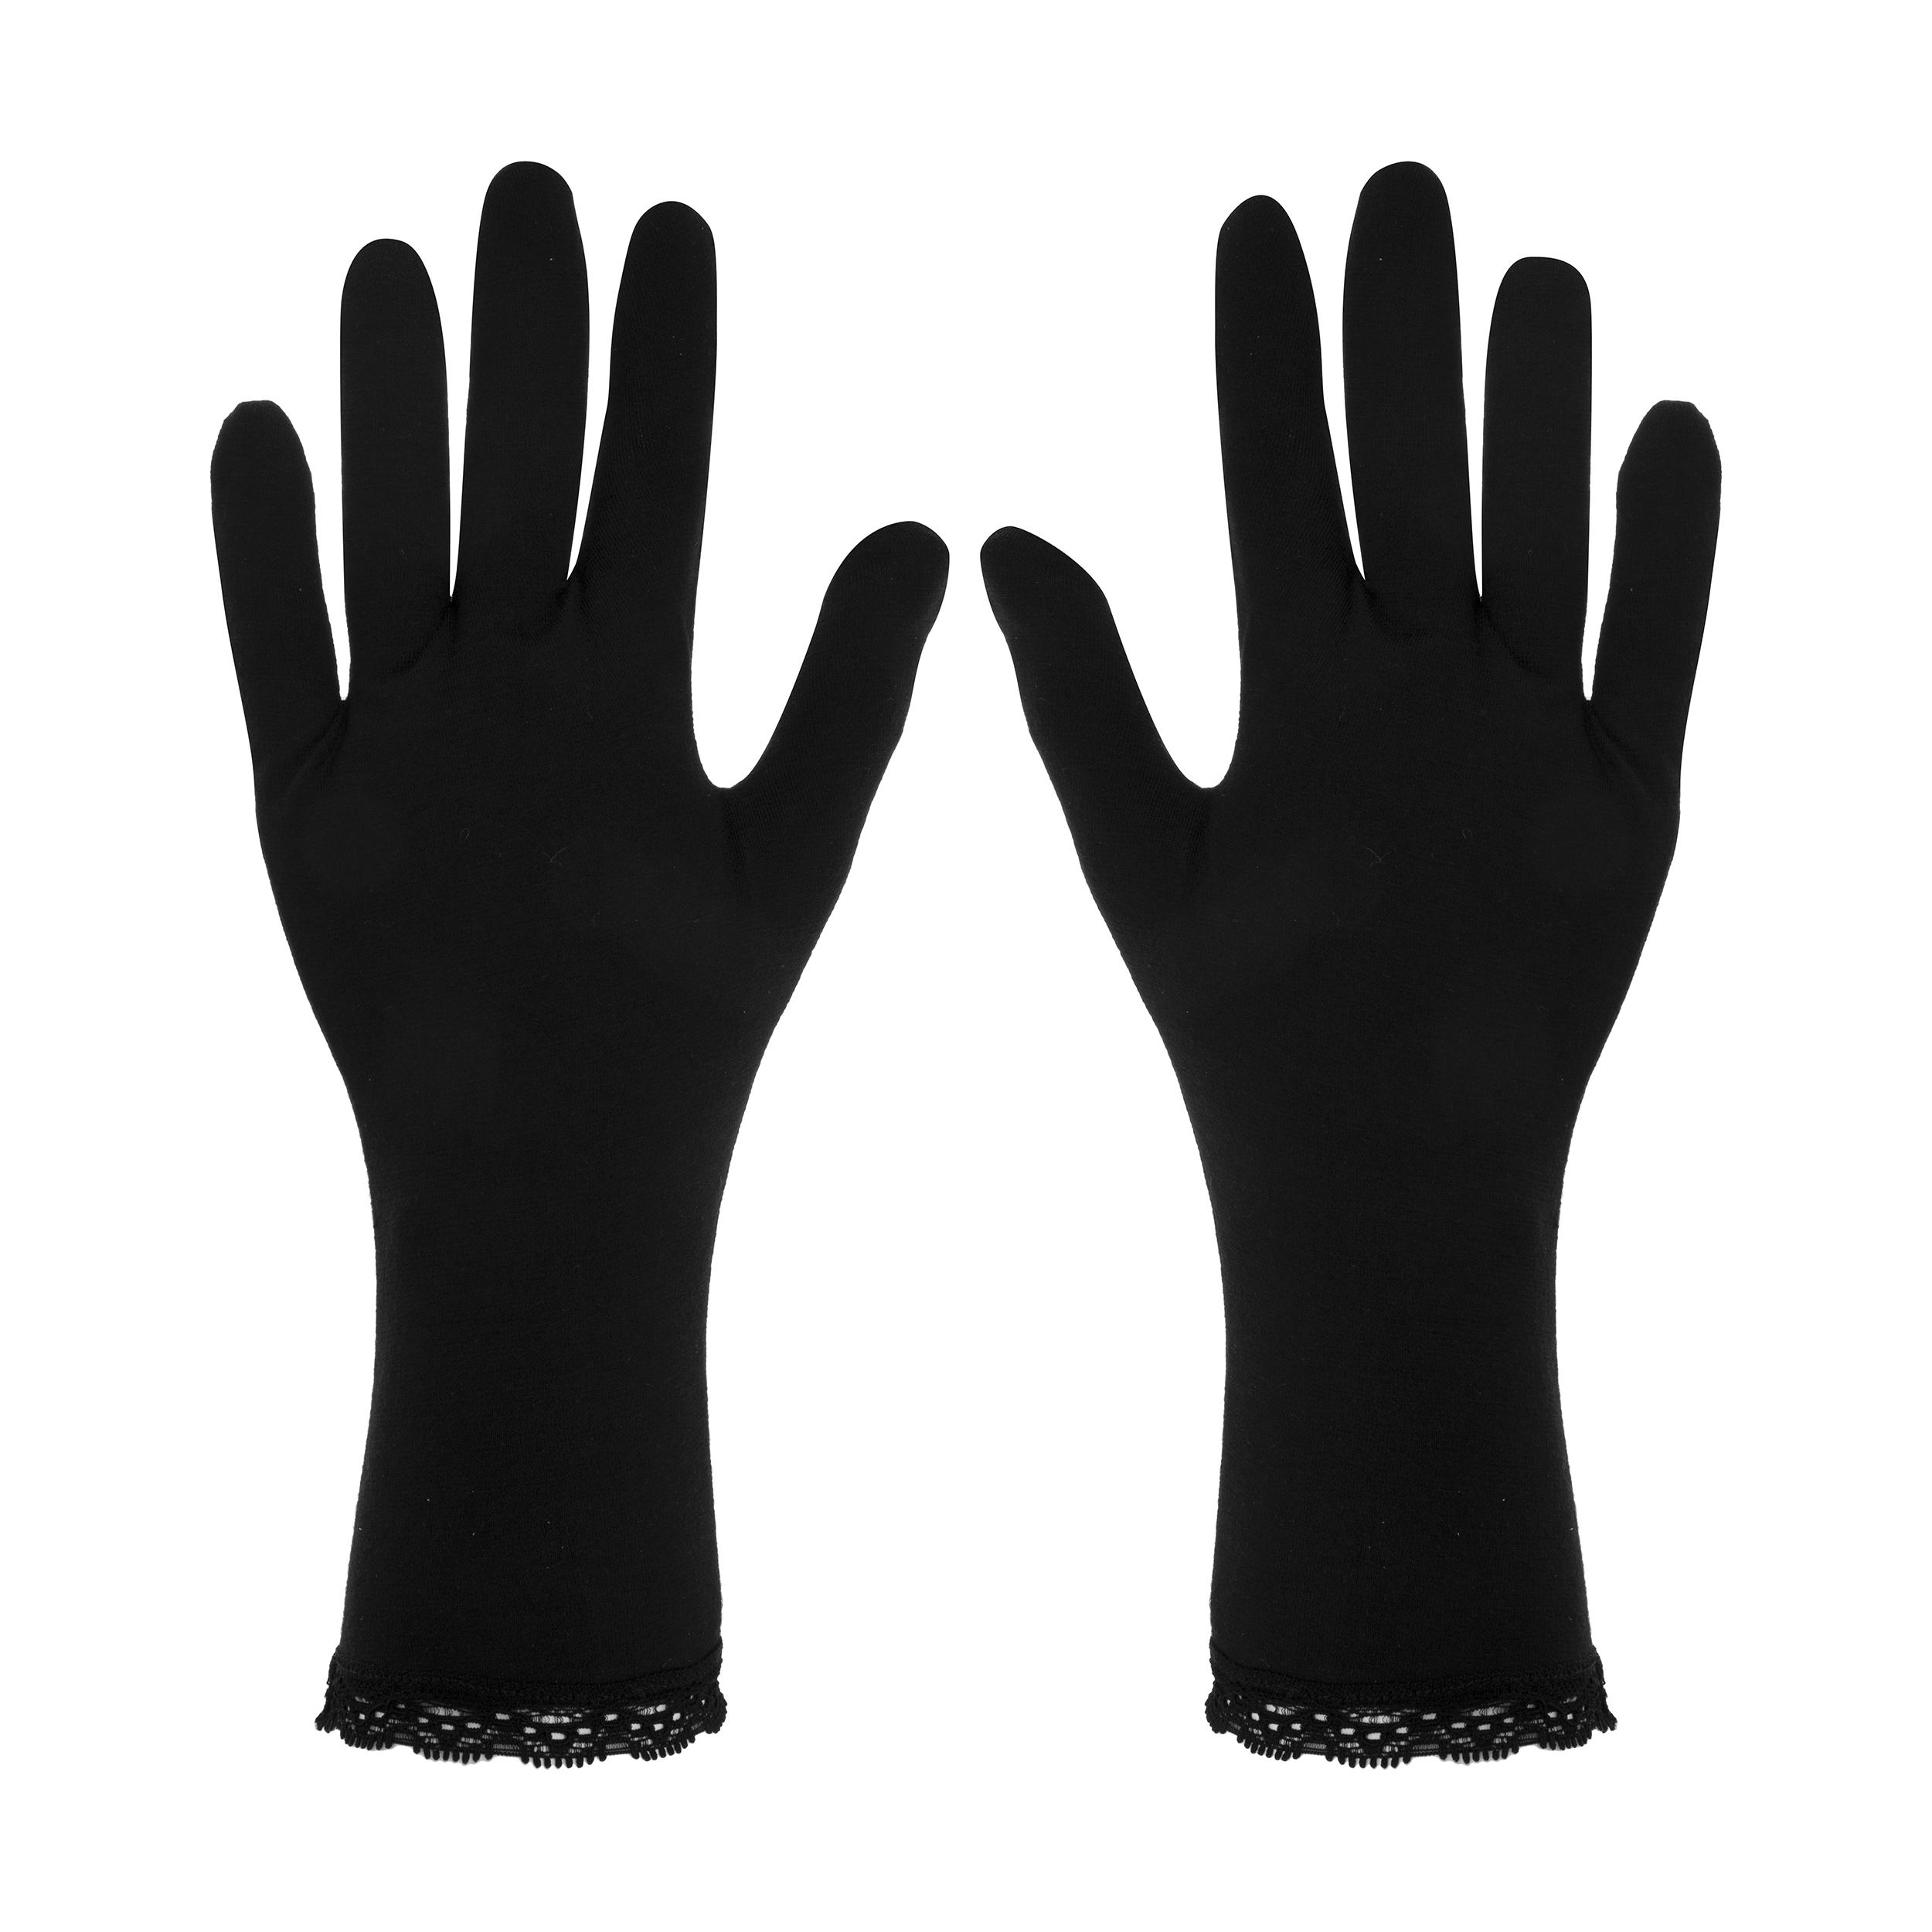 دستکش زنانه تادو کد 305